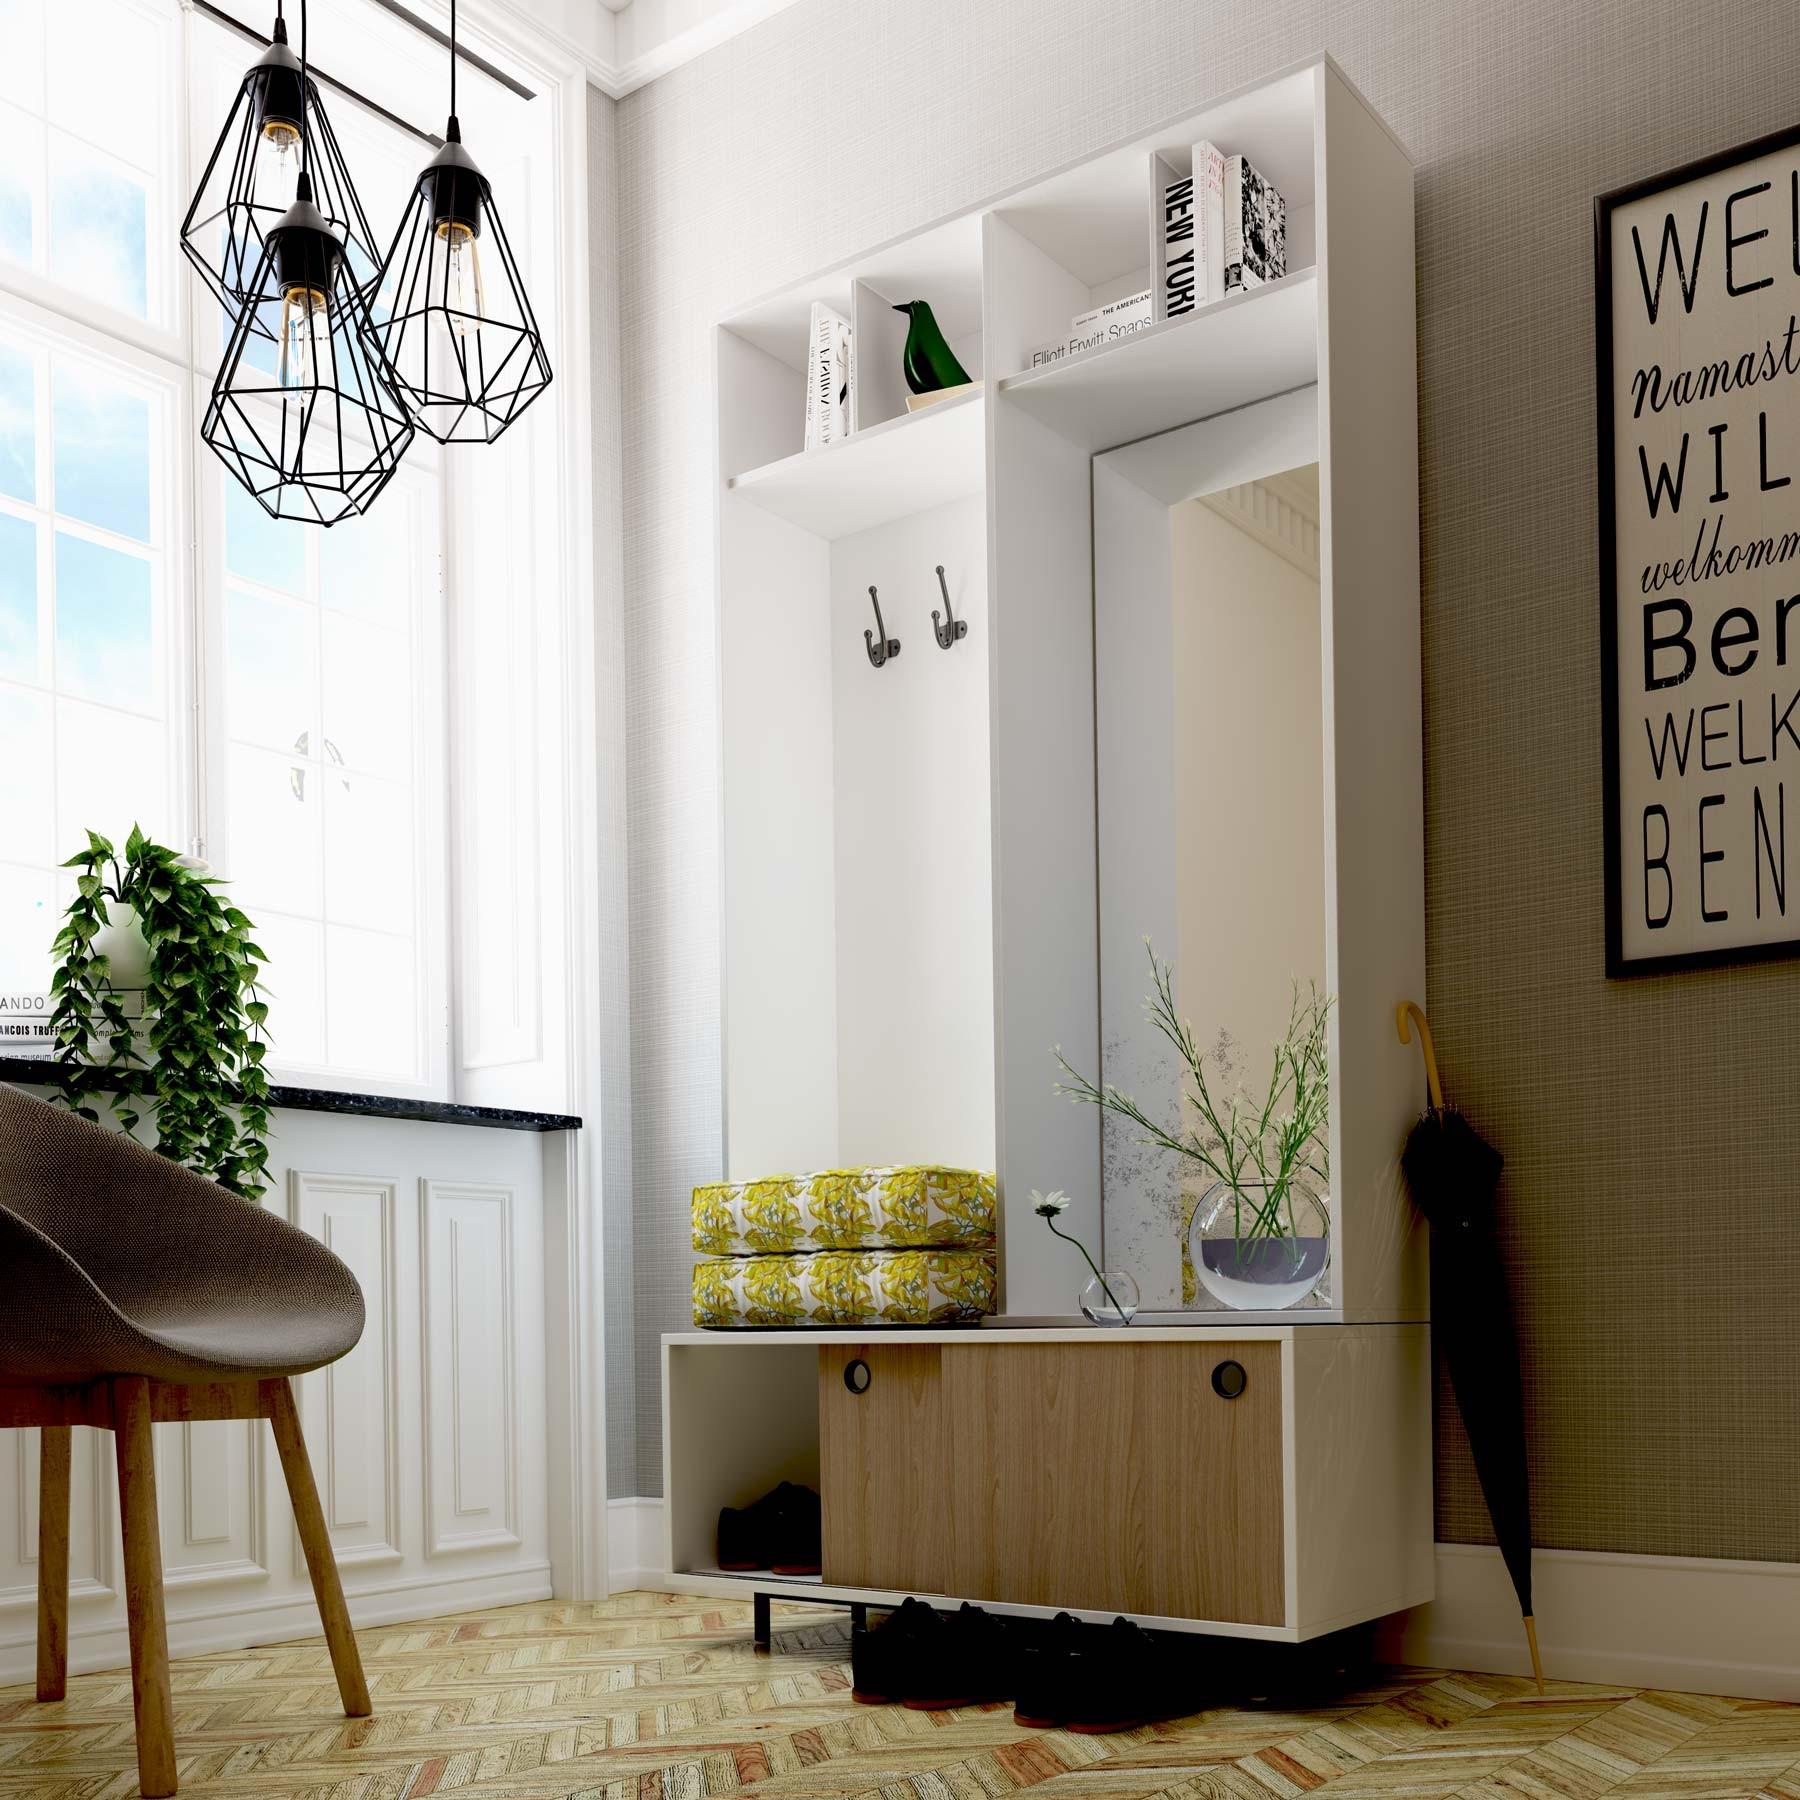 Mueble recibidor perchero lacado spring - Mueble de recibidor ...